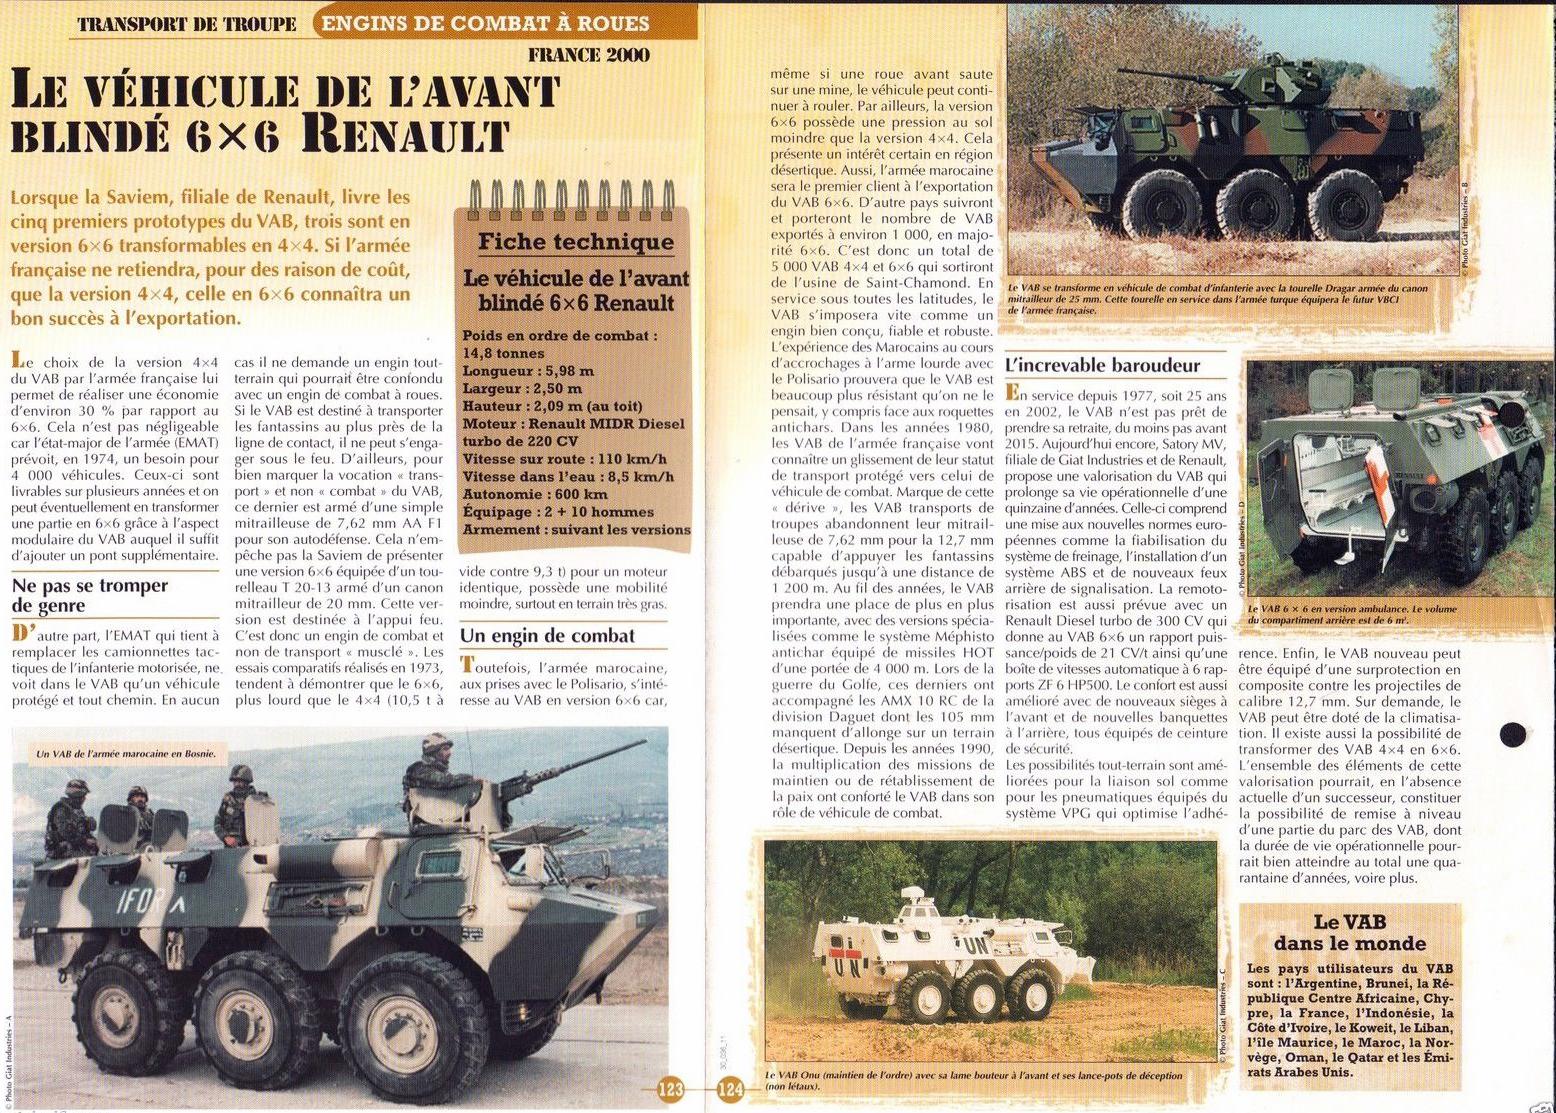 Renault VAB VTT et VCI des Forces Armées Royales 31832964225_fedf6ac8c7_o